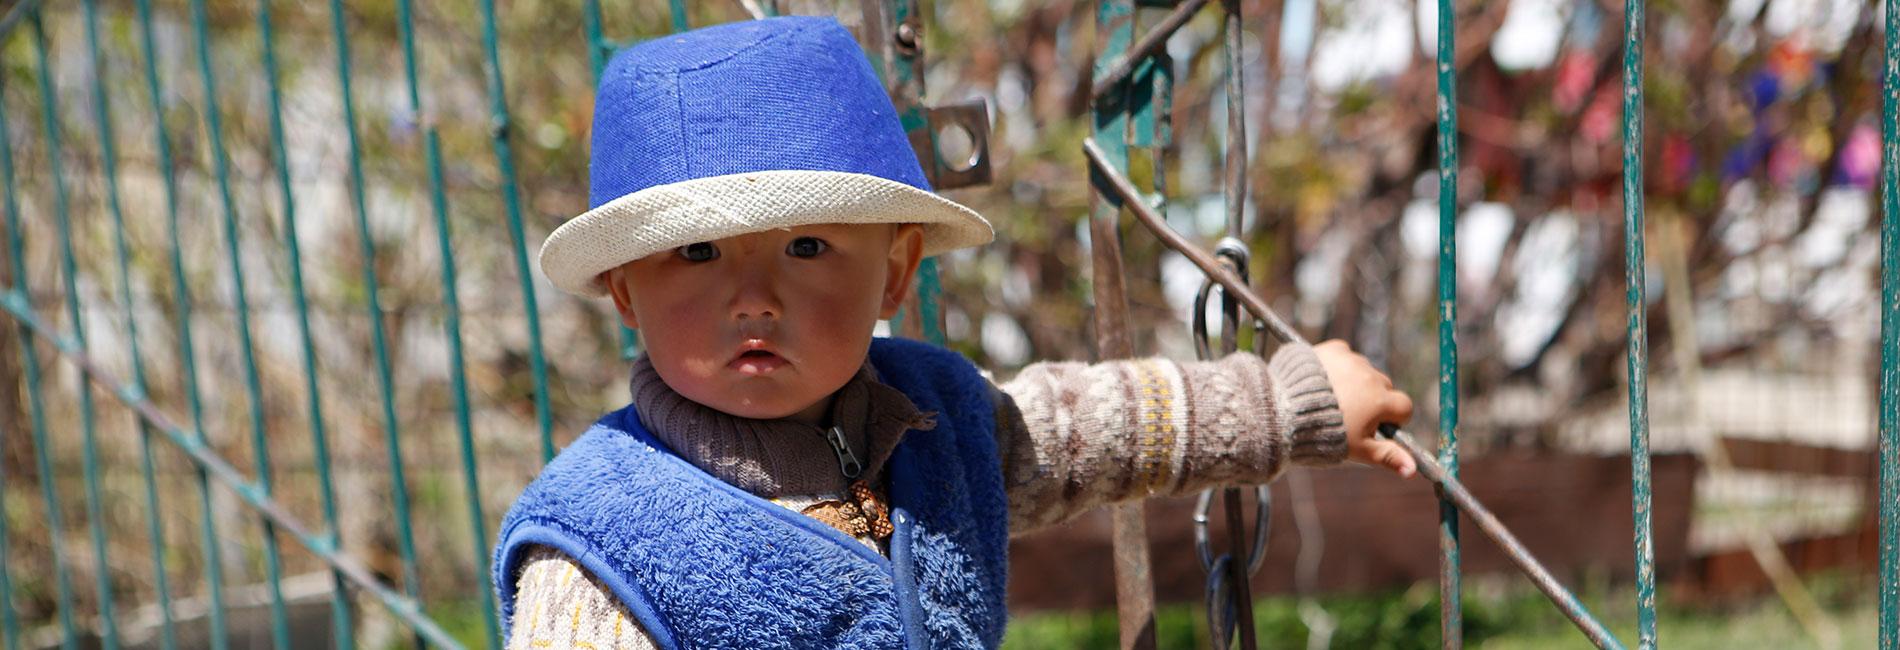 Kirgisisches Kleinkind im Projektgebiet vorausschauende humanitäre Hilfe Kirgistan